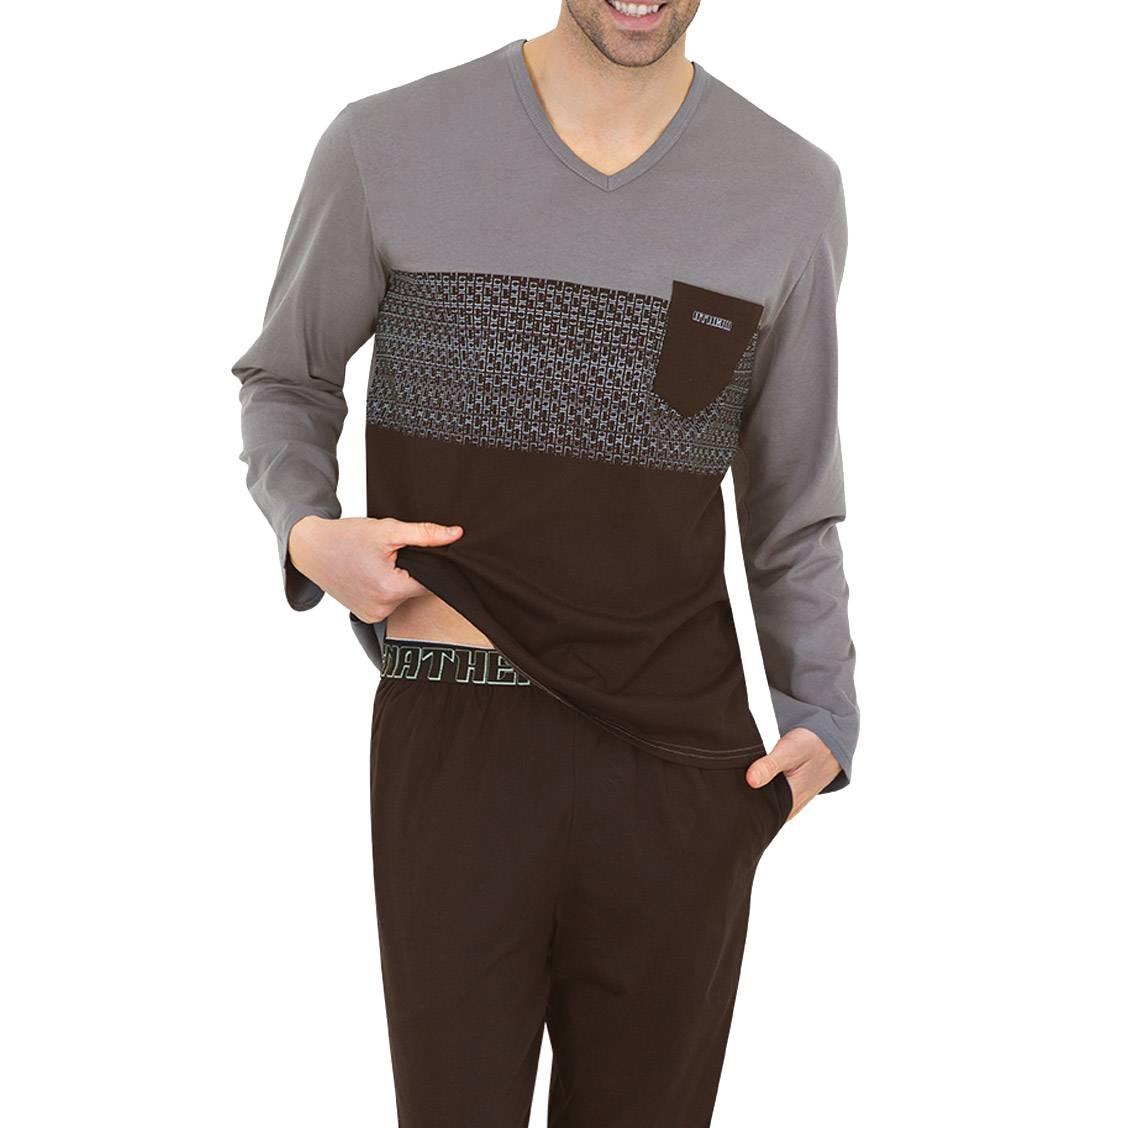 Pyjama long Athena en jersey de coton : tee-shirt manches longues col V gris et noir à motifs, pantalon noir